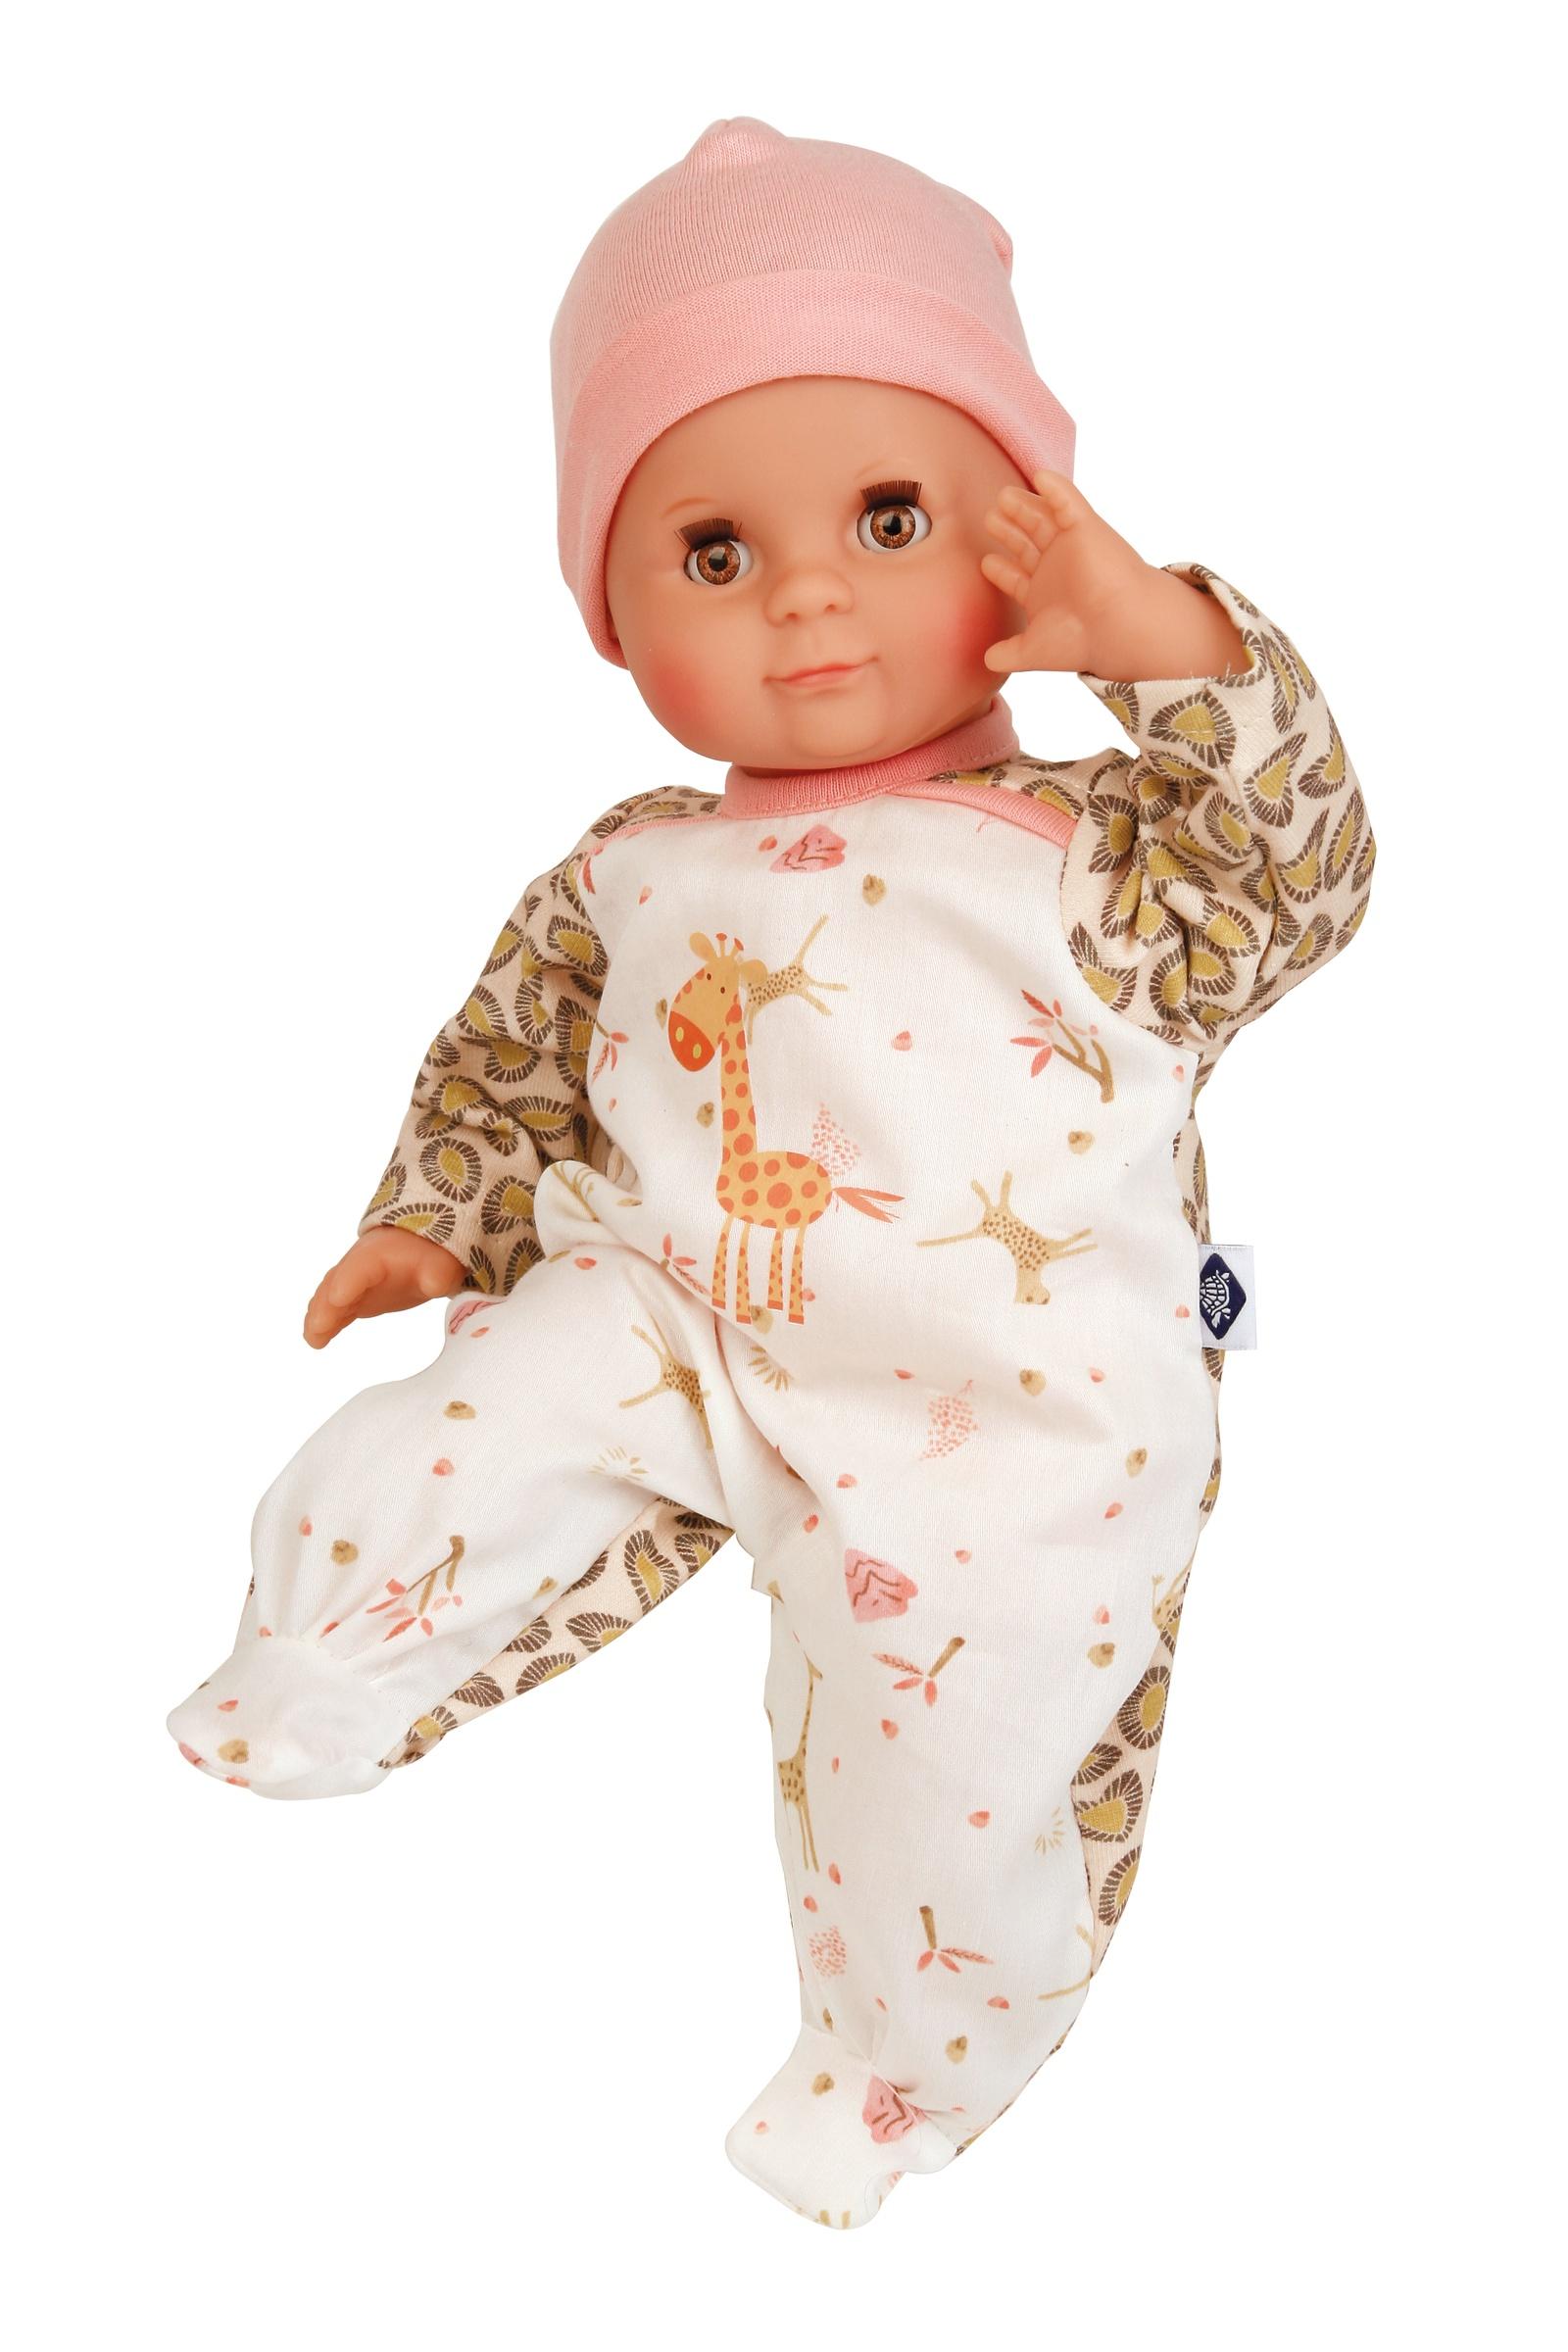 Моя первая кукла, мягкое тело, 32 см